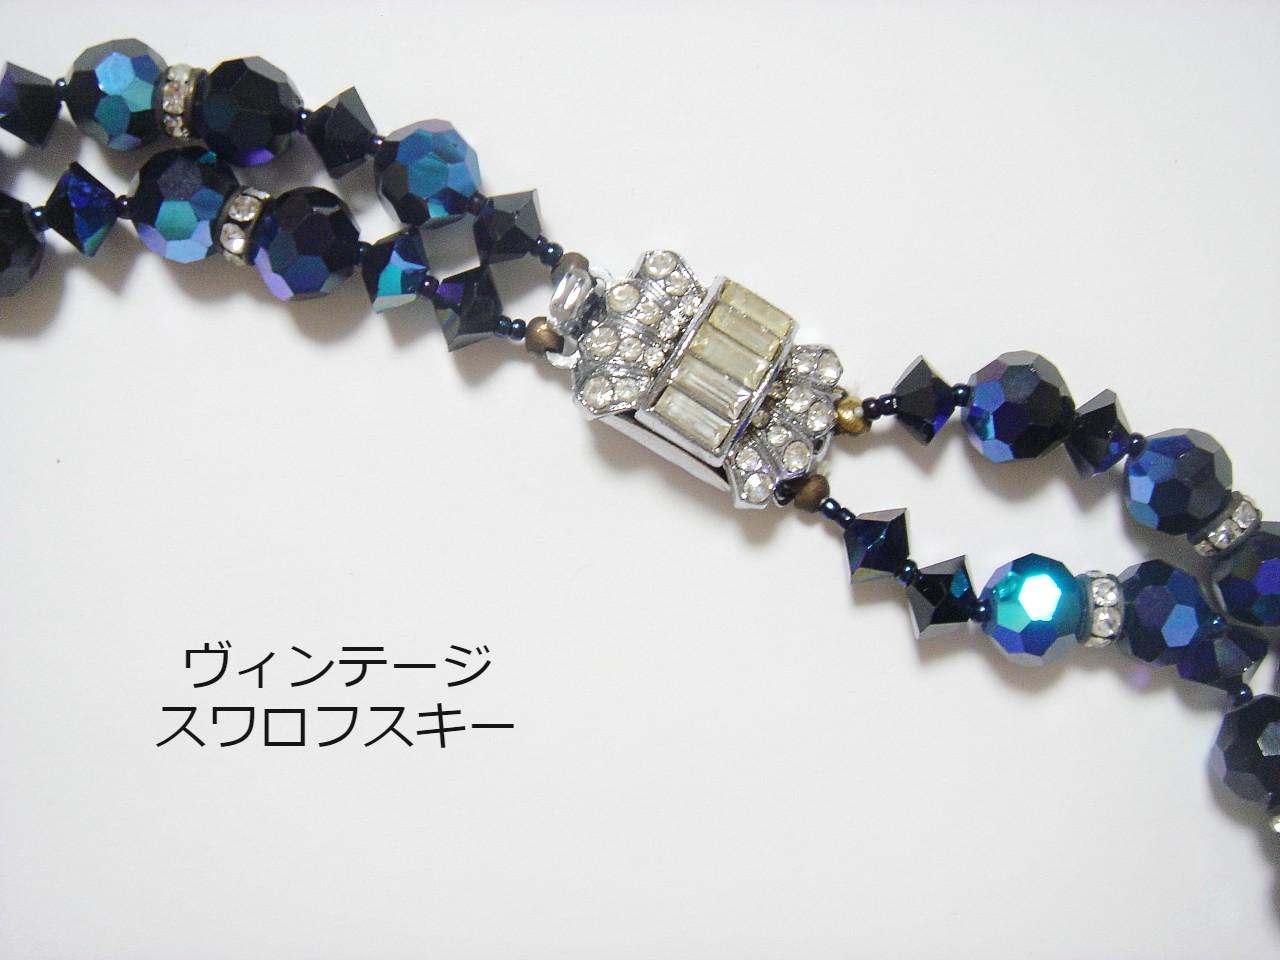 アンティークコレクション ヴィンテージ秘蔵品 昭和レトロな2連ネックレス一点物 an3-17